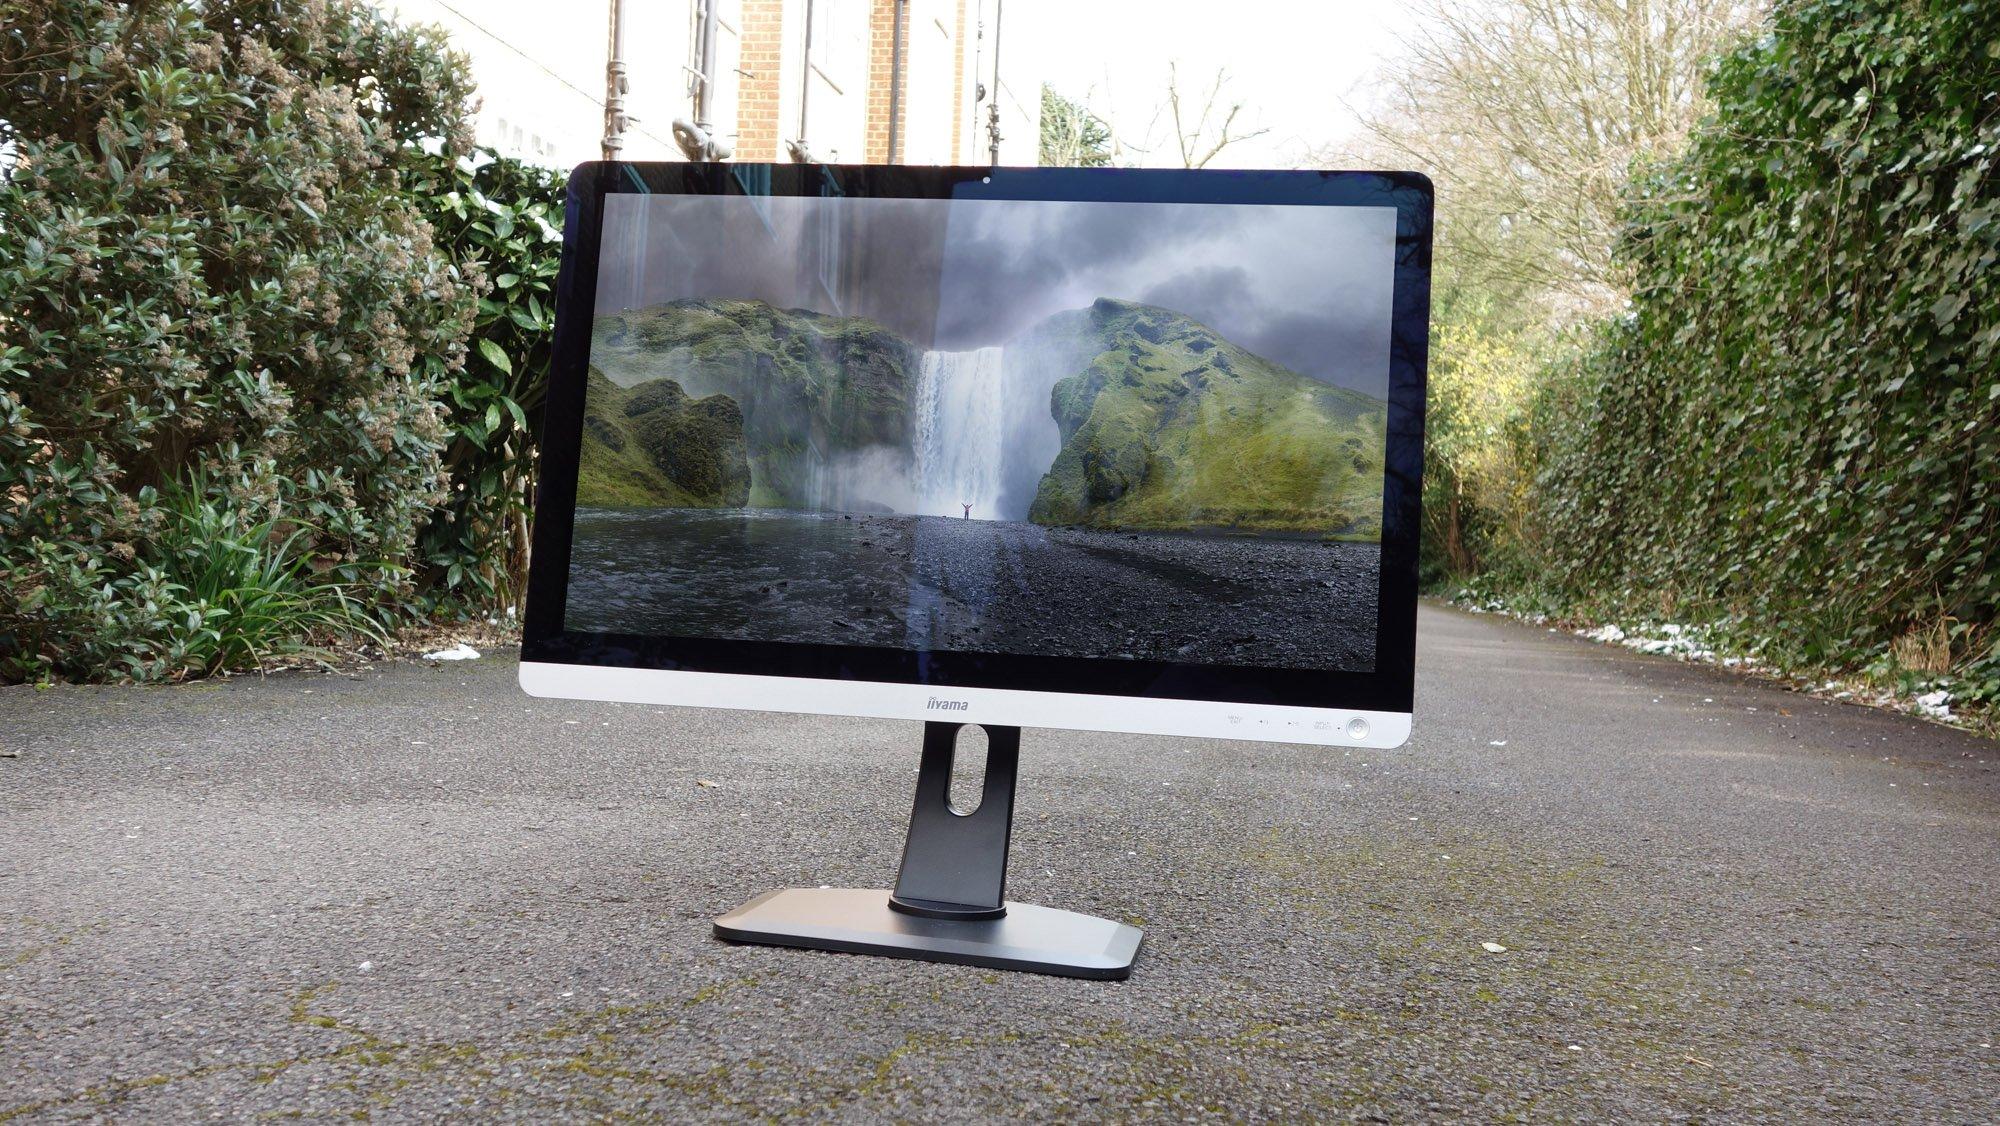 Iiyama ProLite XB2779QQS review: An iMac-style 5K monitor at